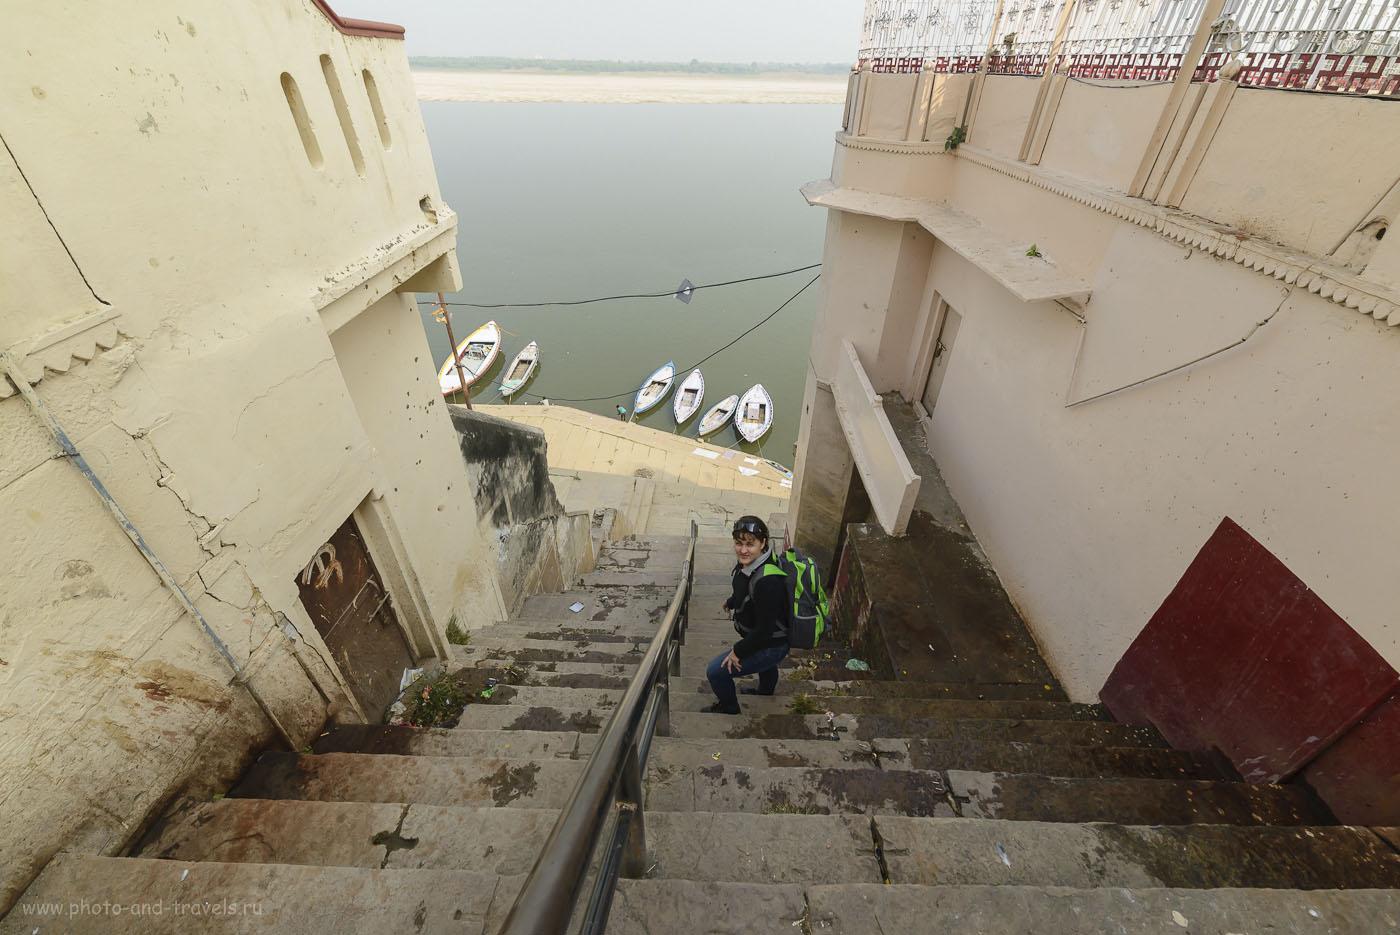 Фото 2. Отзыв о поездке в Варанаси в Индии. Ступени у гхата Асси (Assi ghat). Никон Д610, Самъянг 14/2,8. Настройки фотоаппарата: 1/800, 7.1, 800, 14.